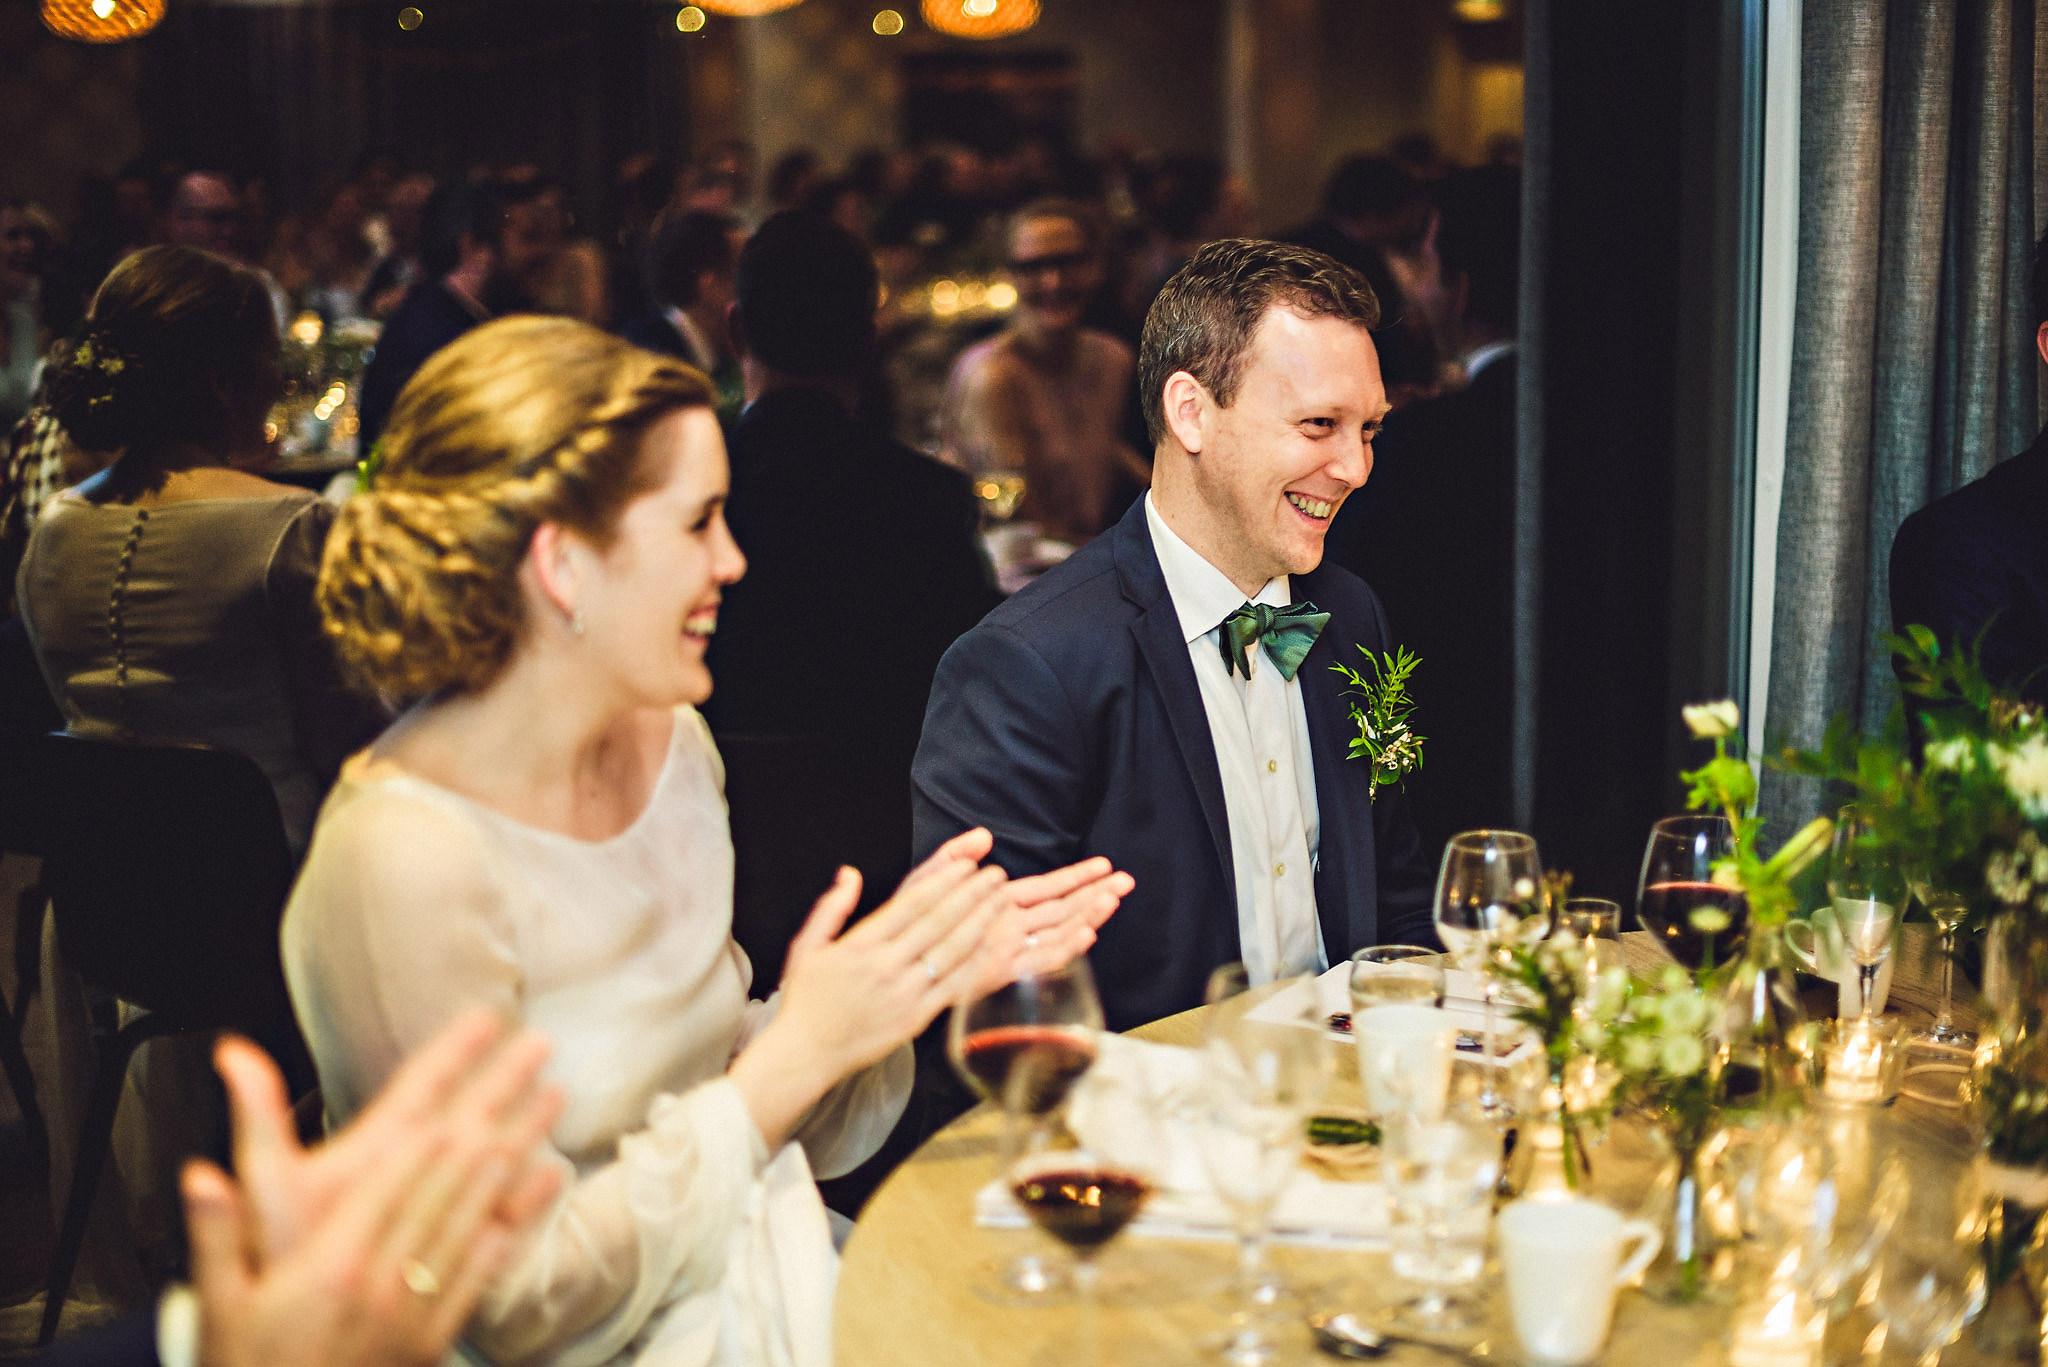 Eirik Halvorsen Marianne og Ole Martin bryllup blog-31.jpg